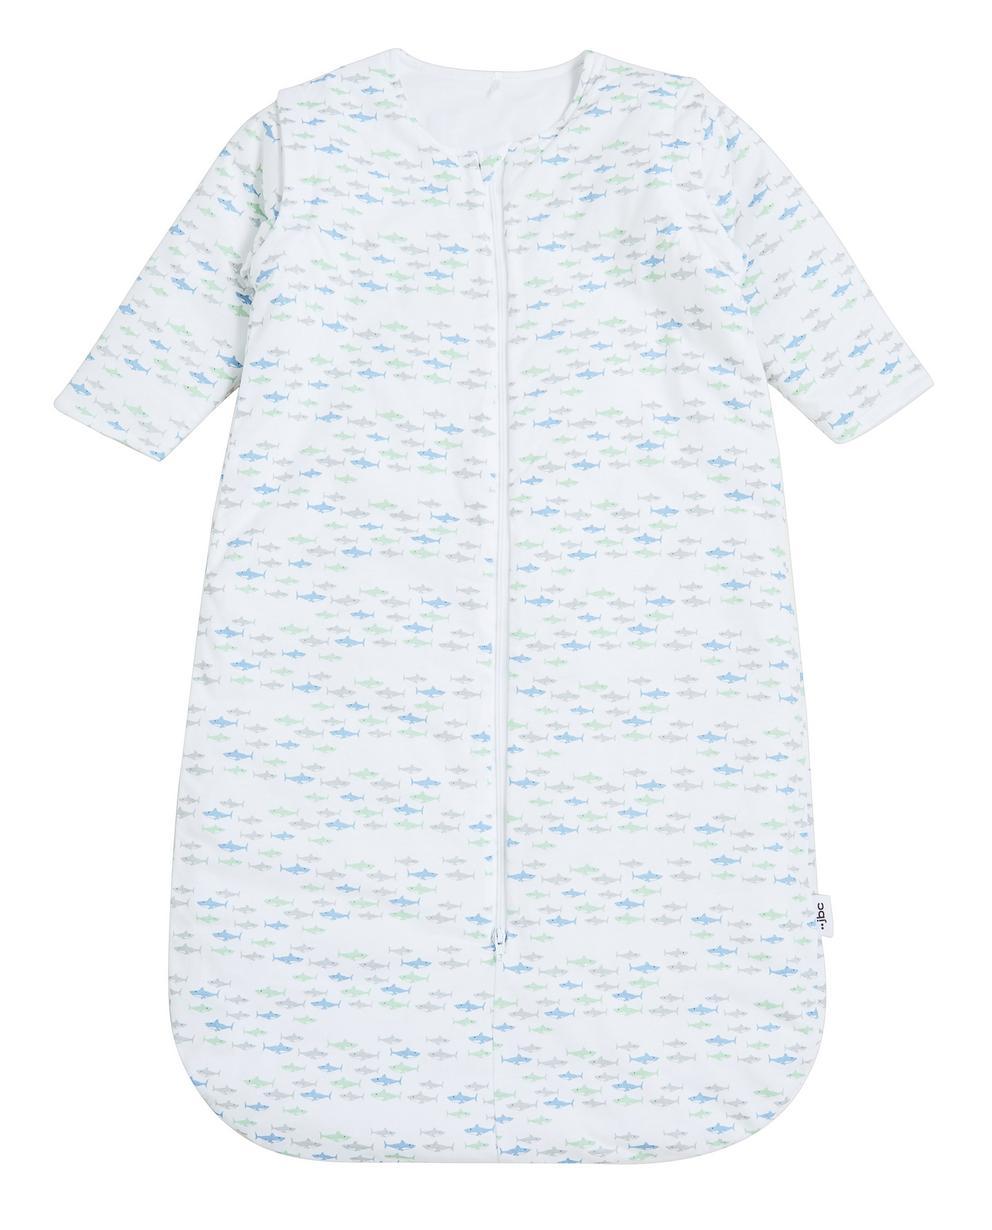 Sac de couchage crème - imprimé intégral de requins - JBC. Accessoires pour  bébés ... 614c1b8b53f